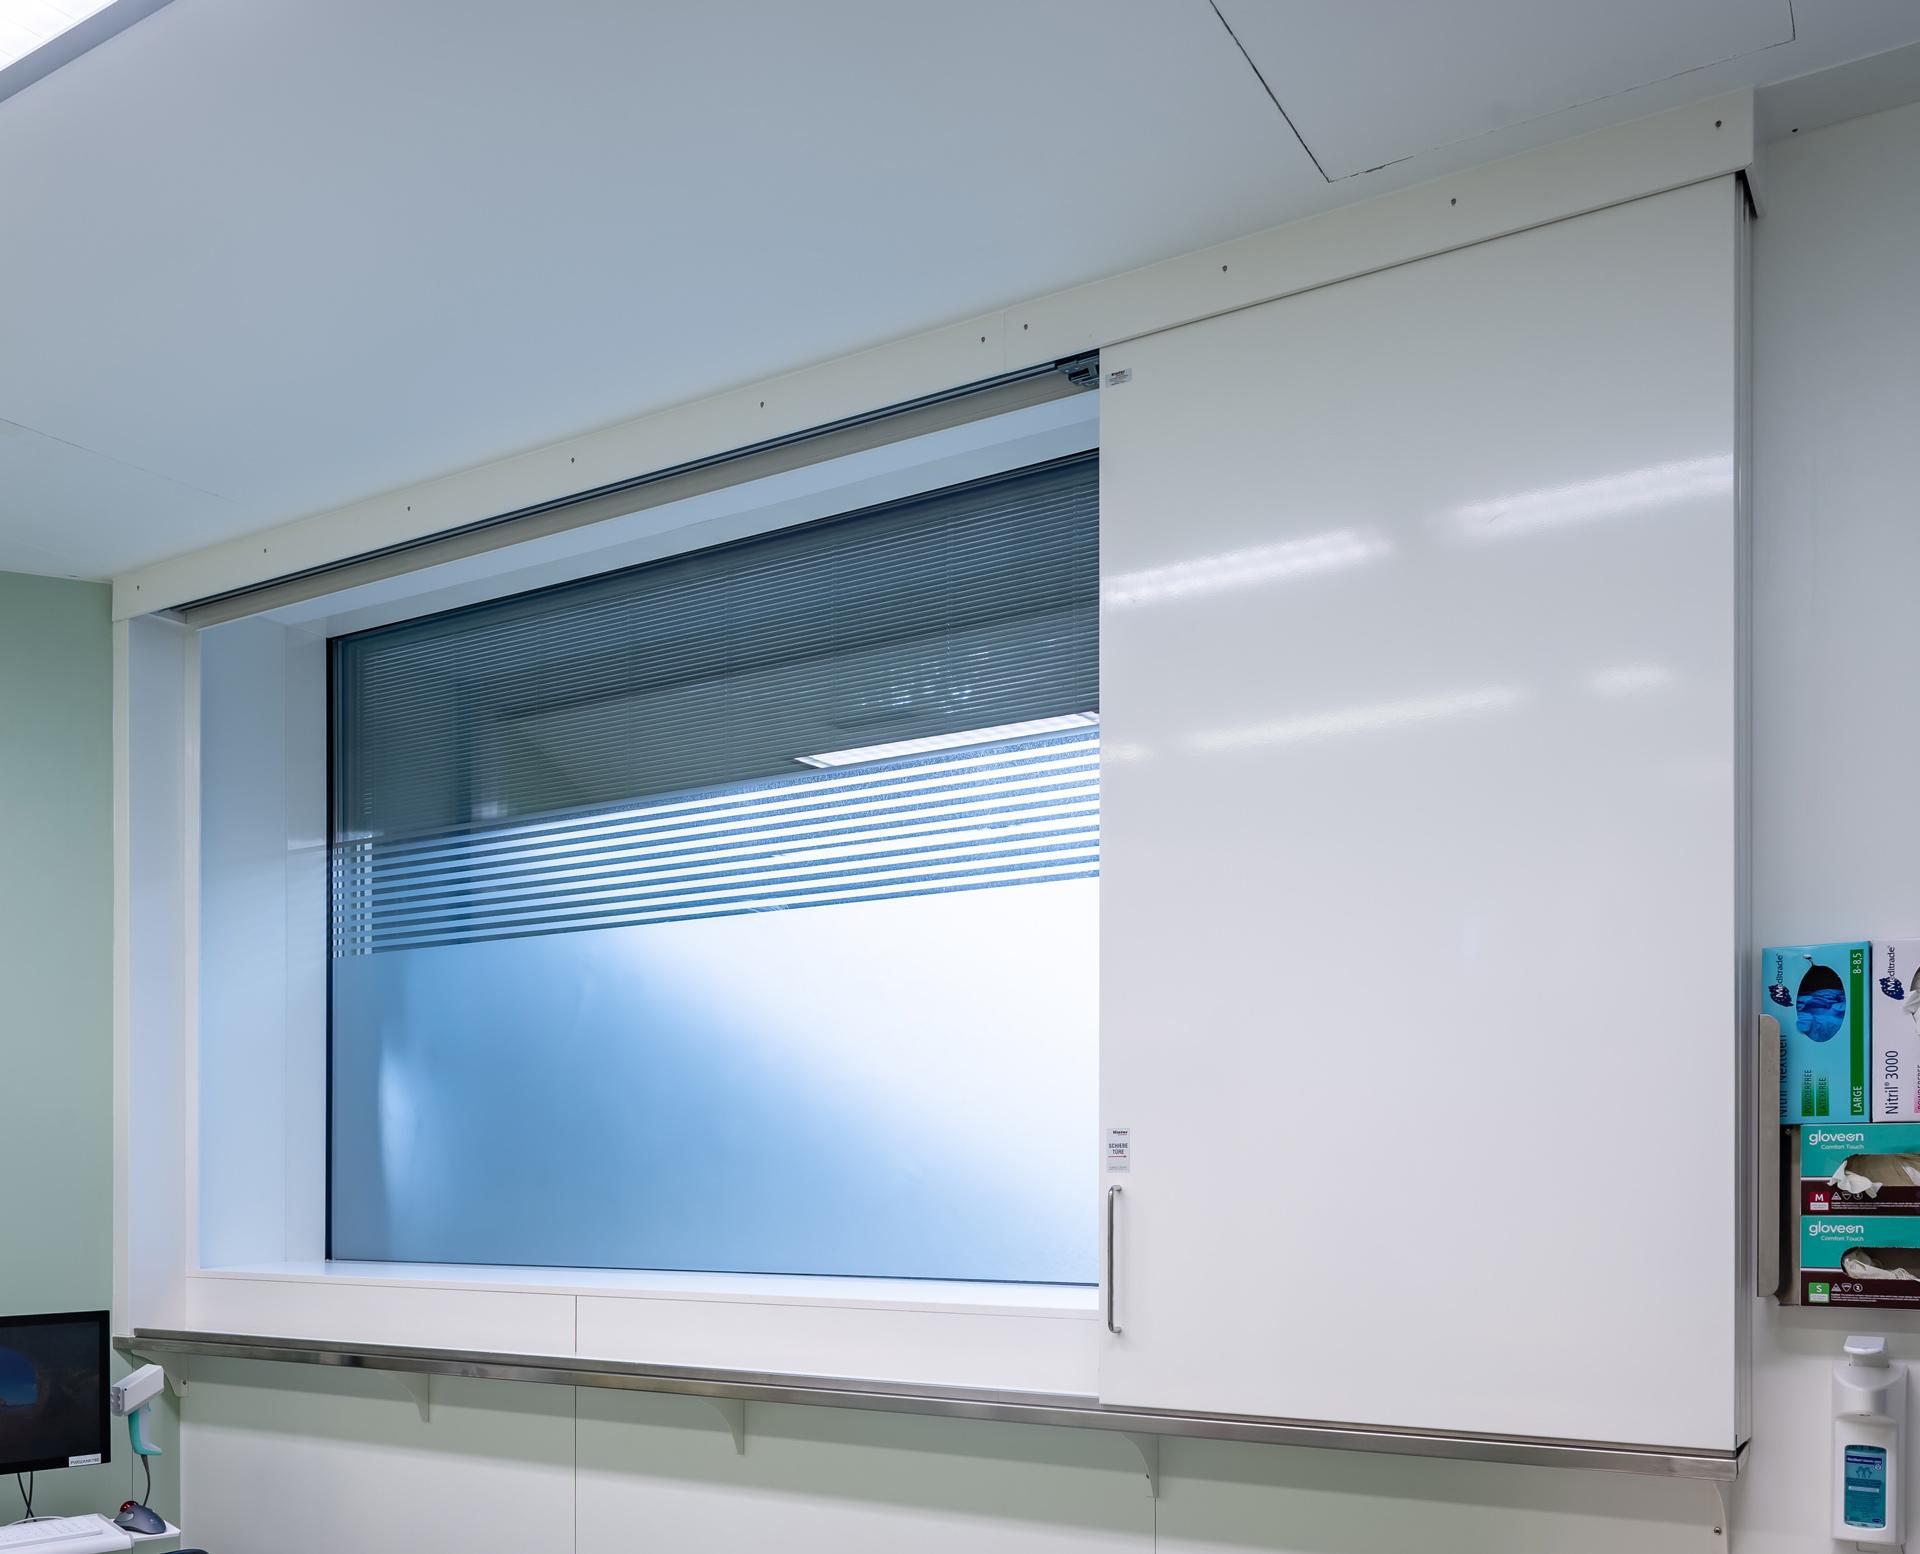 Strahlenschutz-Elemente von Kiefer technic